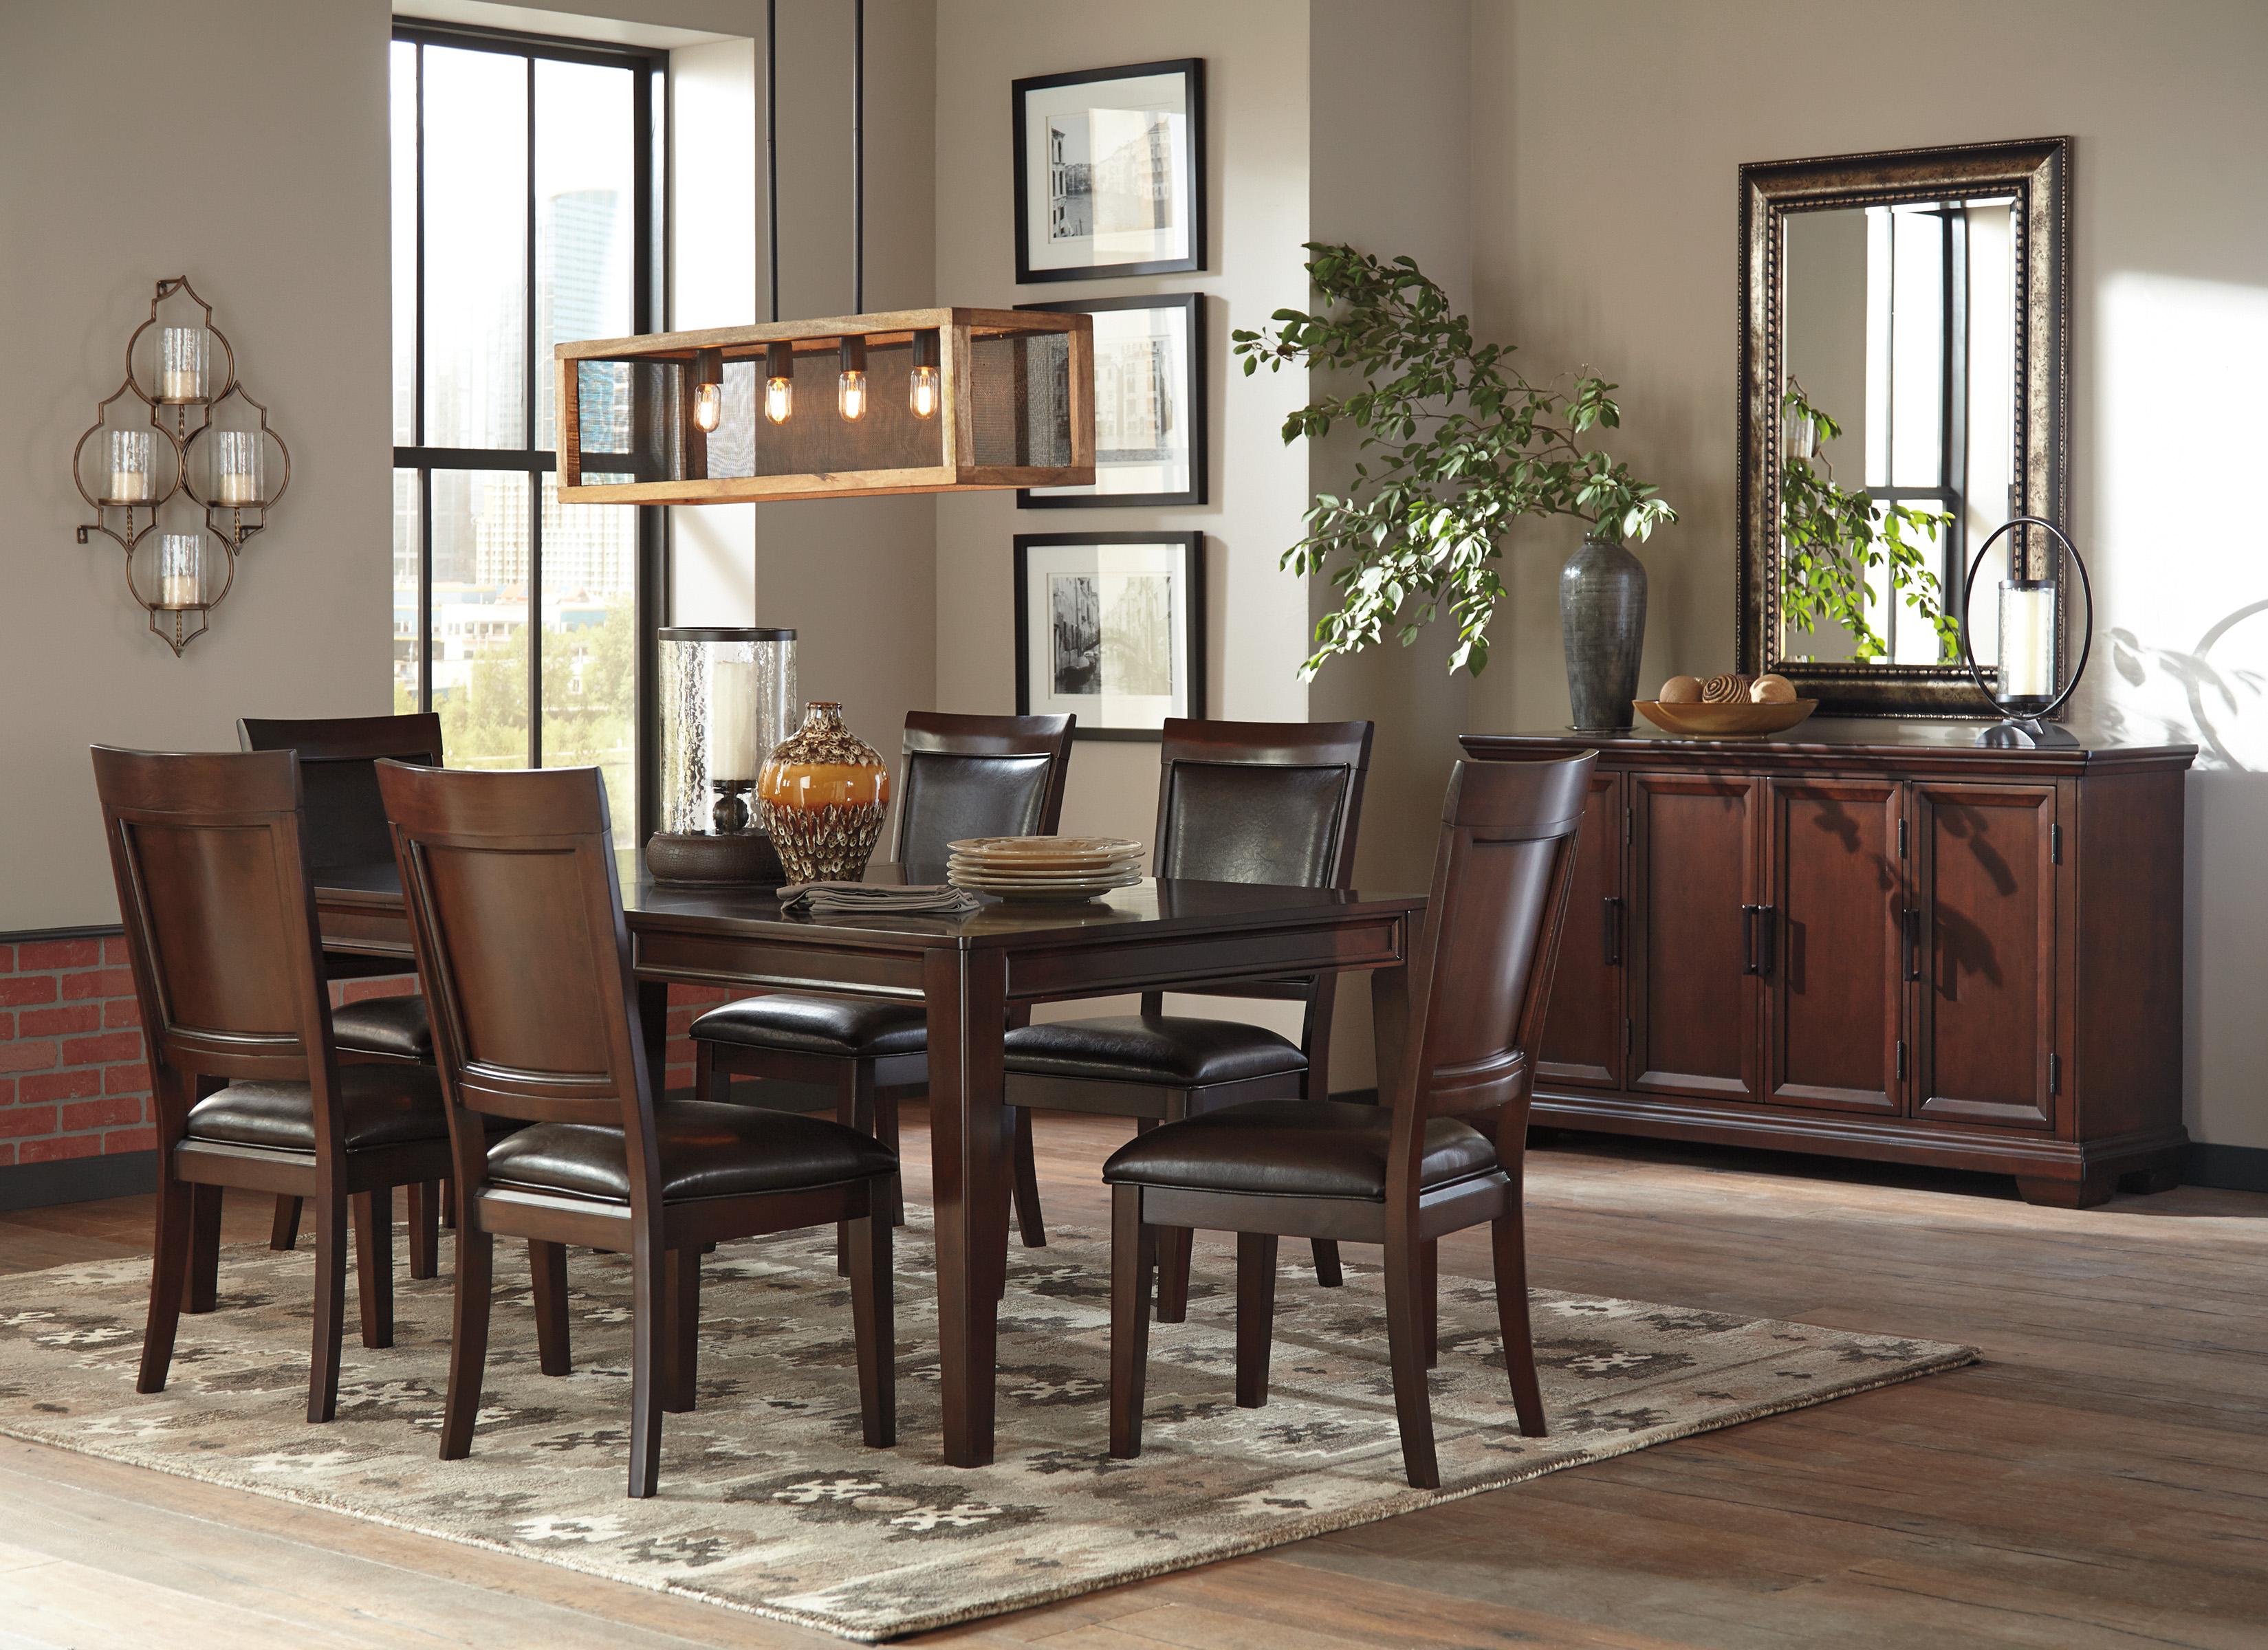 Ashley Shadyn 7 Piece Casual Dining Room Set In A Warm